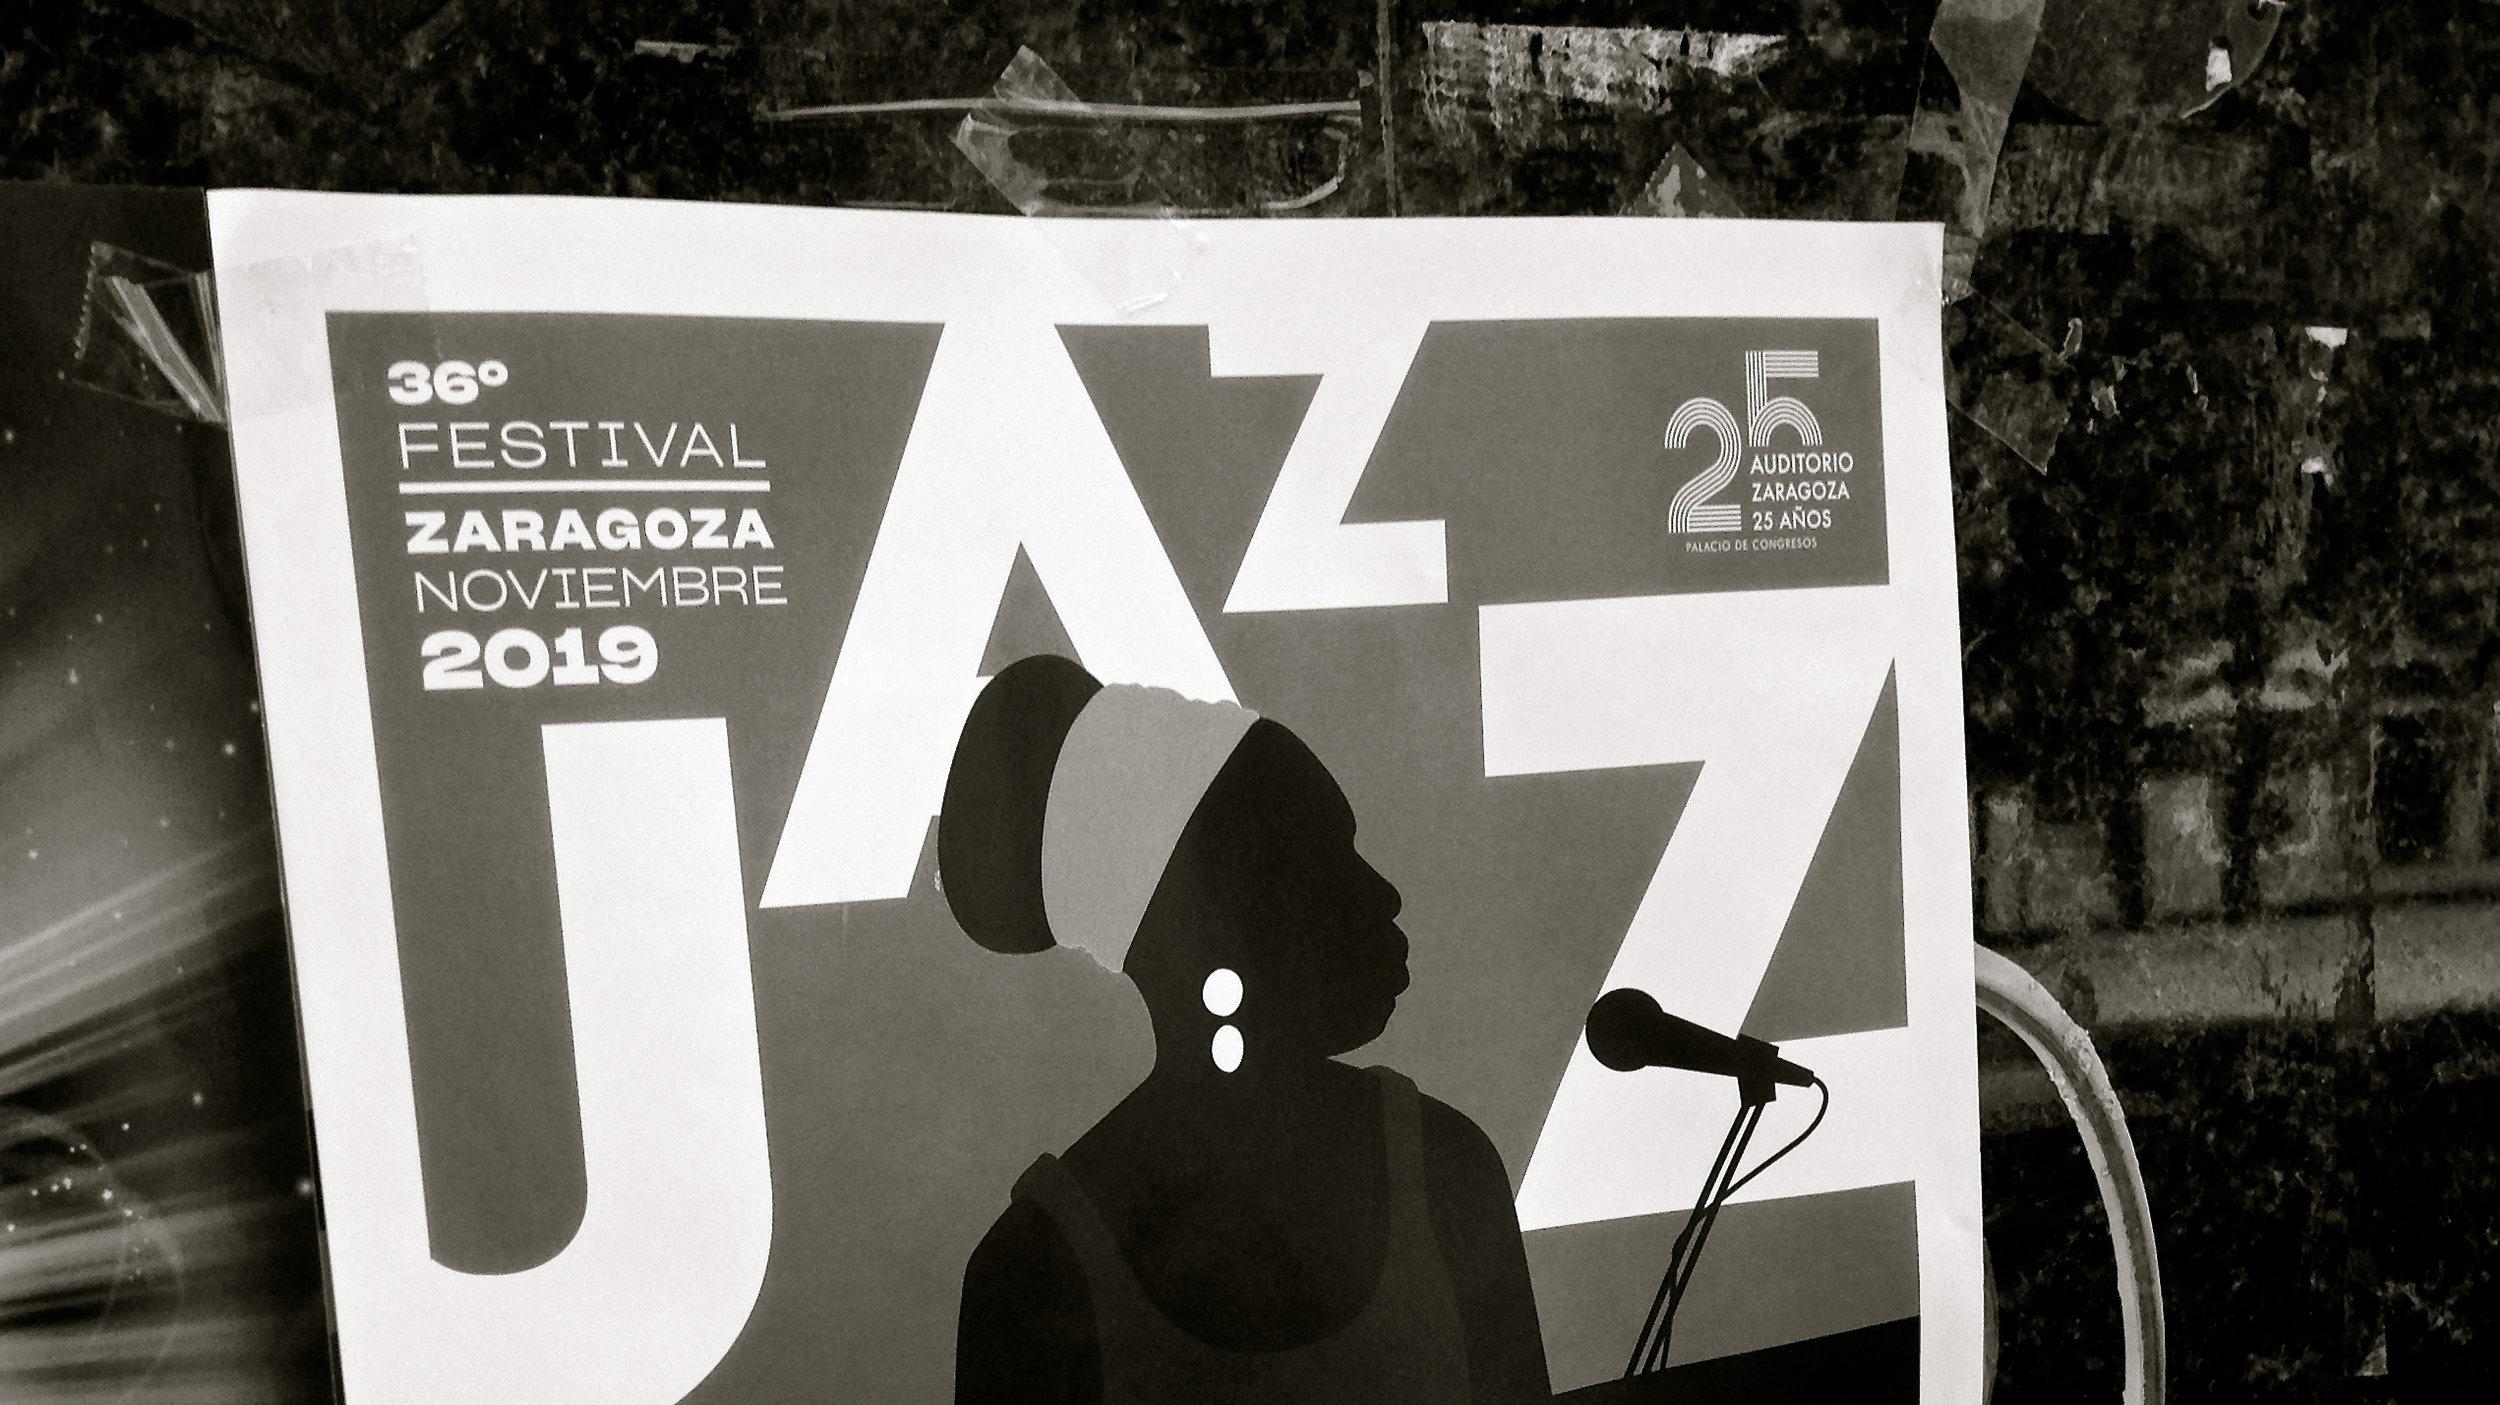 Jazz 36 Festival Zaragoza